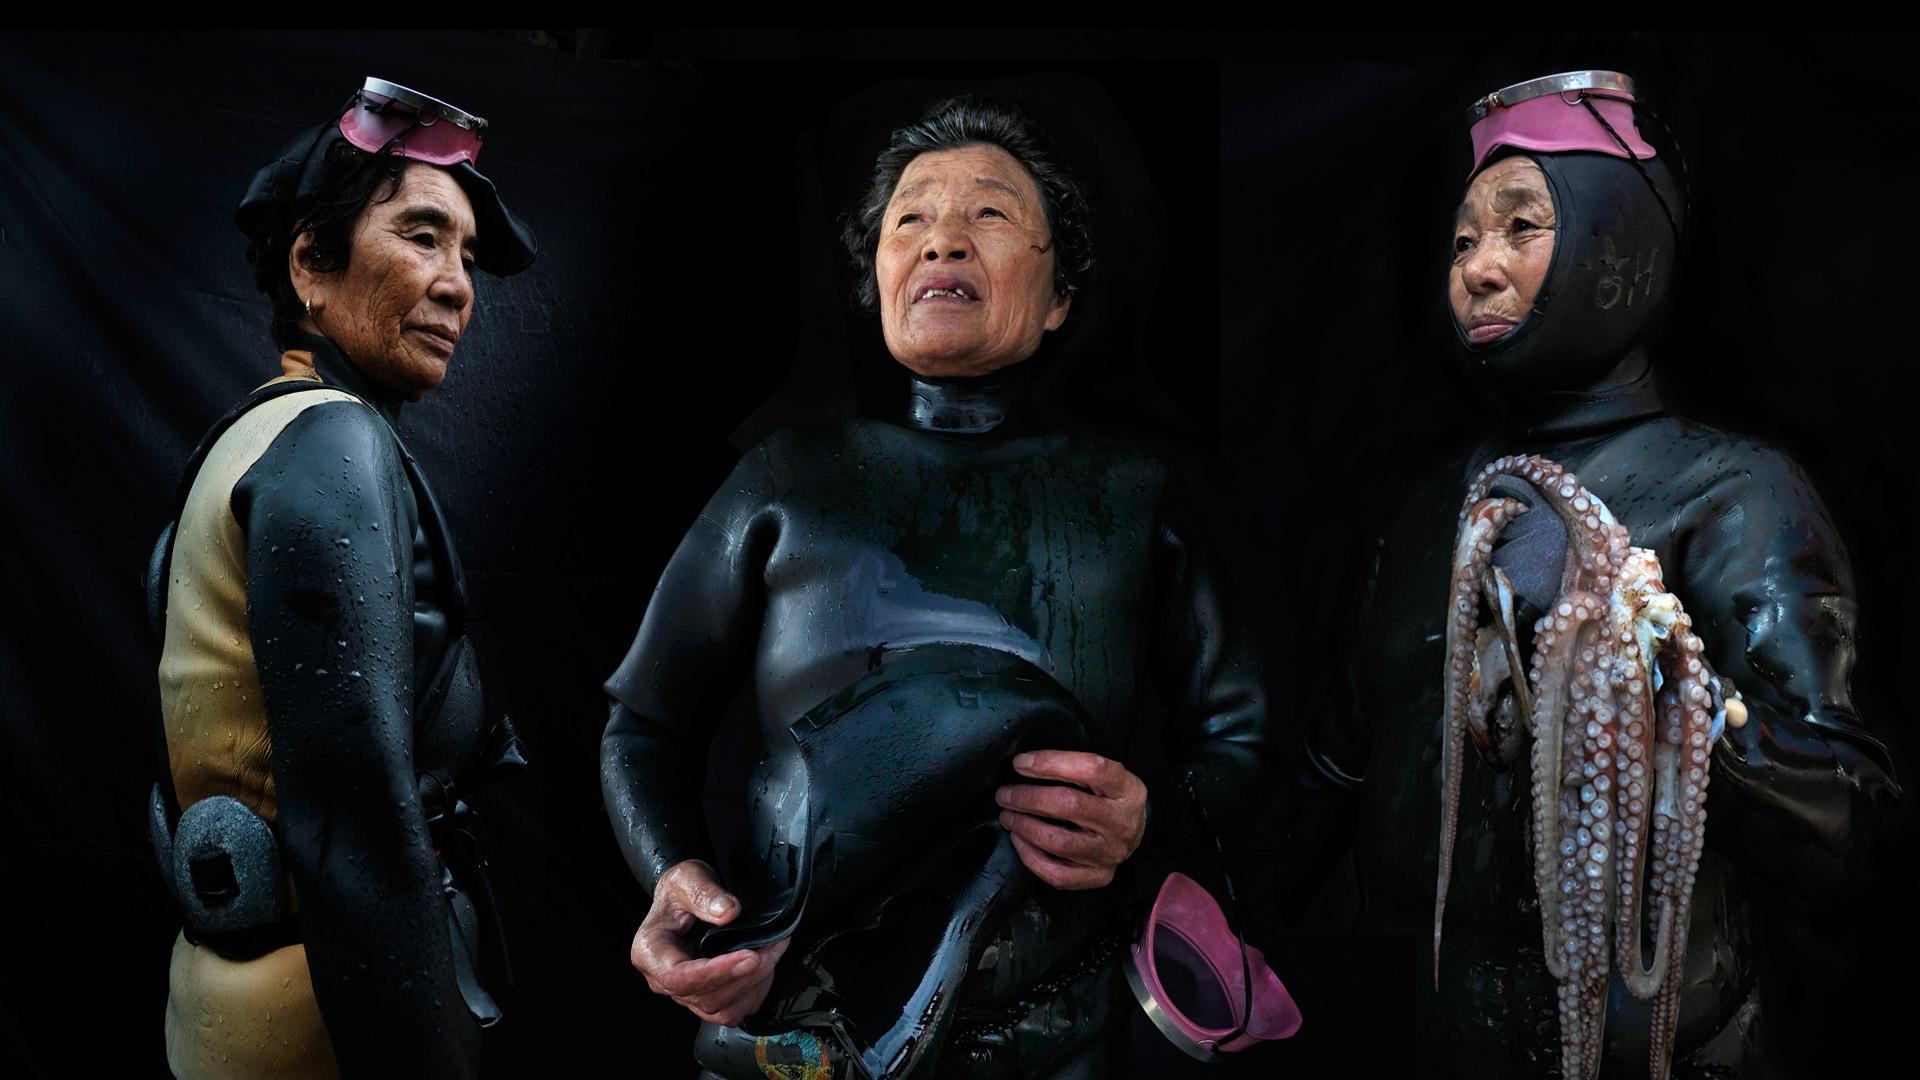 """80 felett sem állnak le a szabadtüdős búvárkodással a koreai """"tengeri nők"""""""